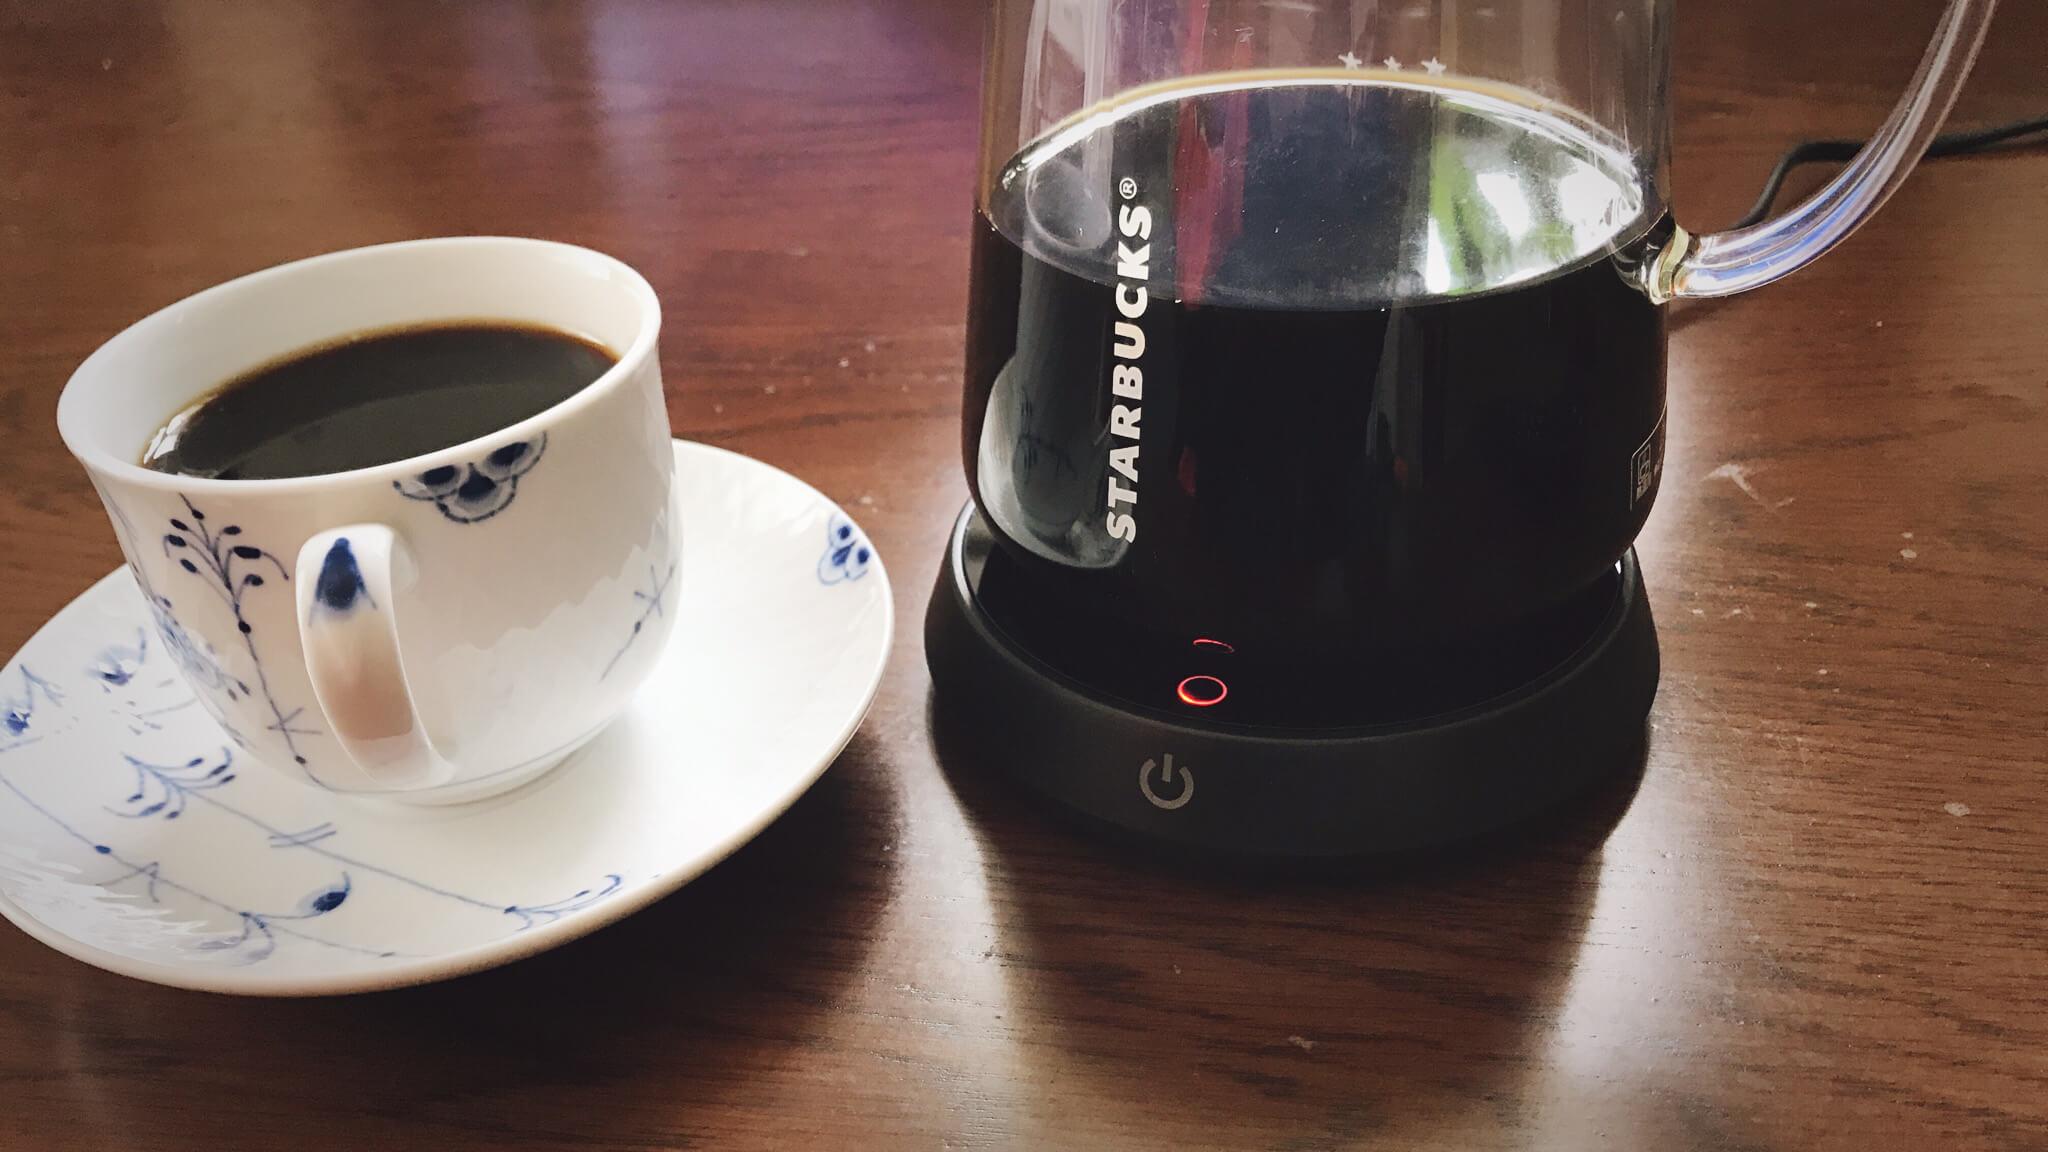 ホットコーヒーを長時間冷めないように! コーヒーマグウォーマーでマイペースに楽しもう